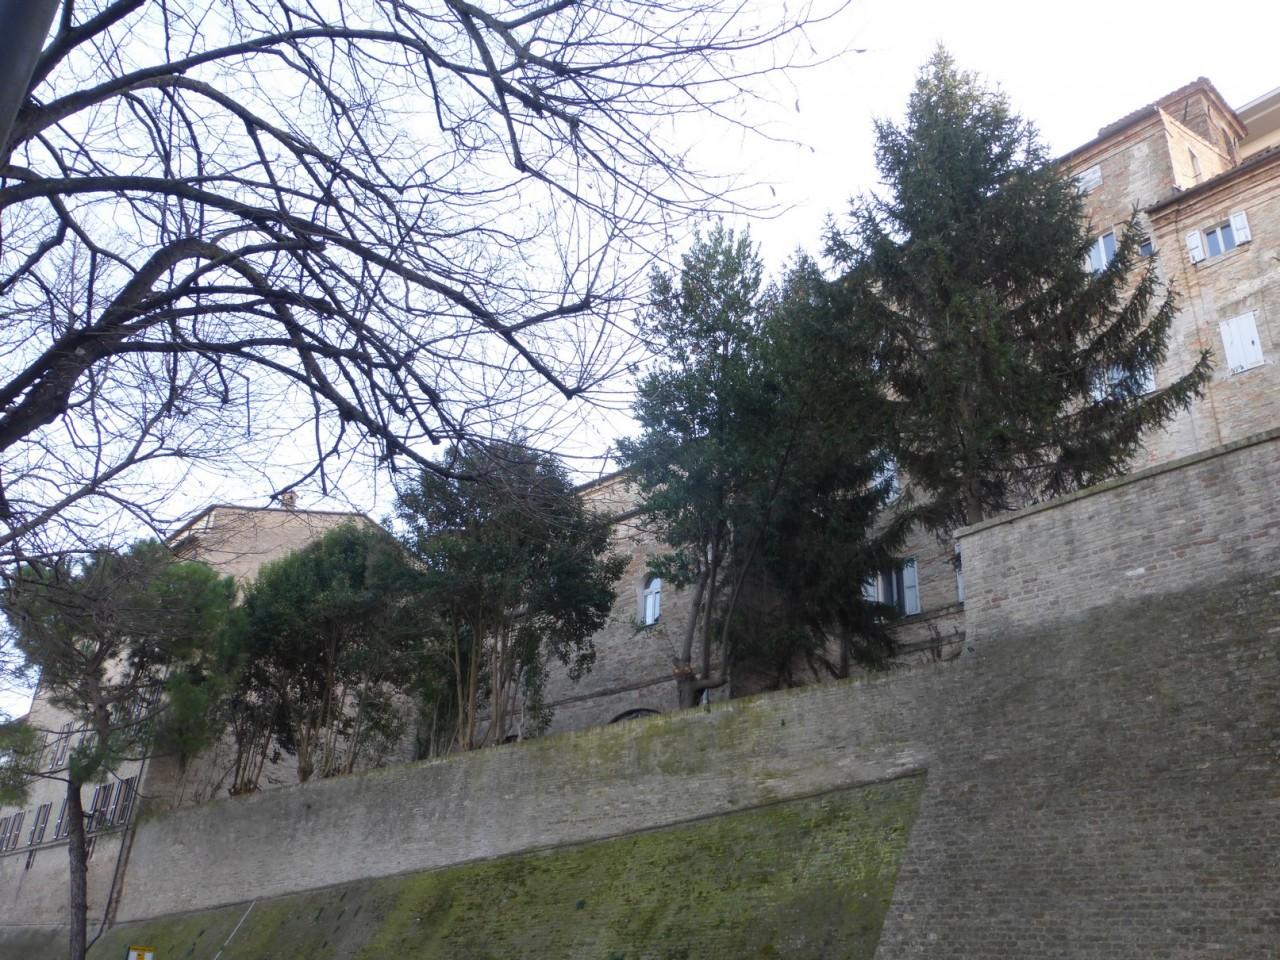 giardino monachette intermesoli macerata (66)